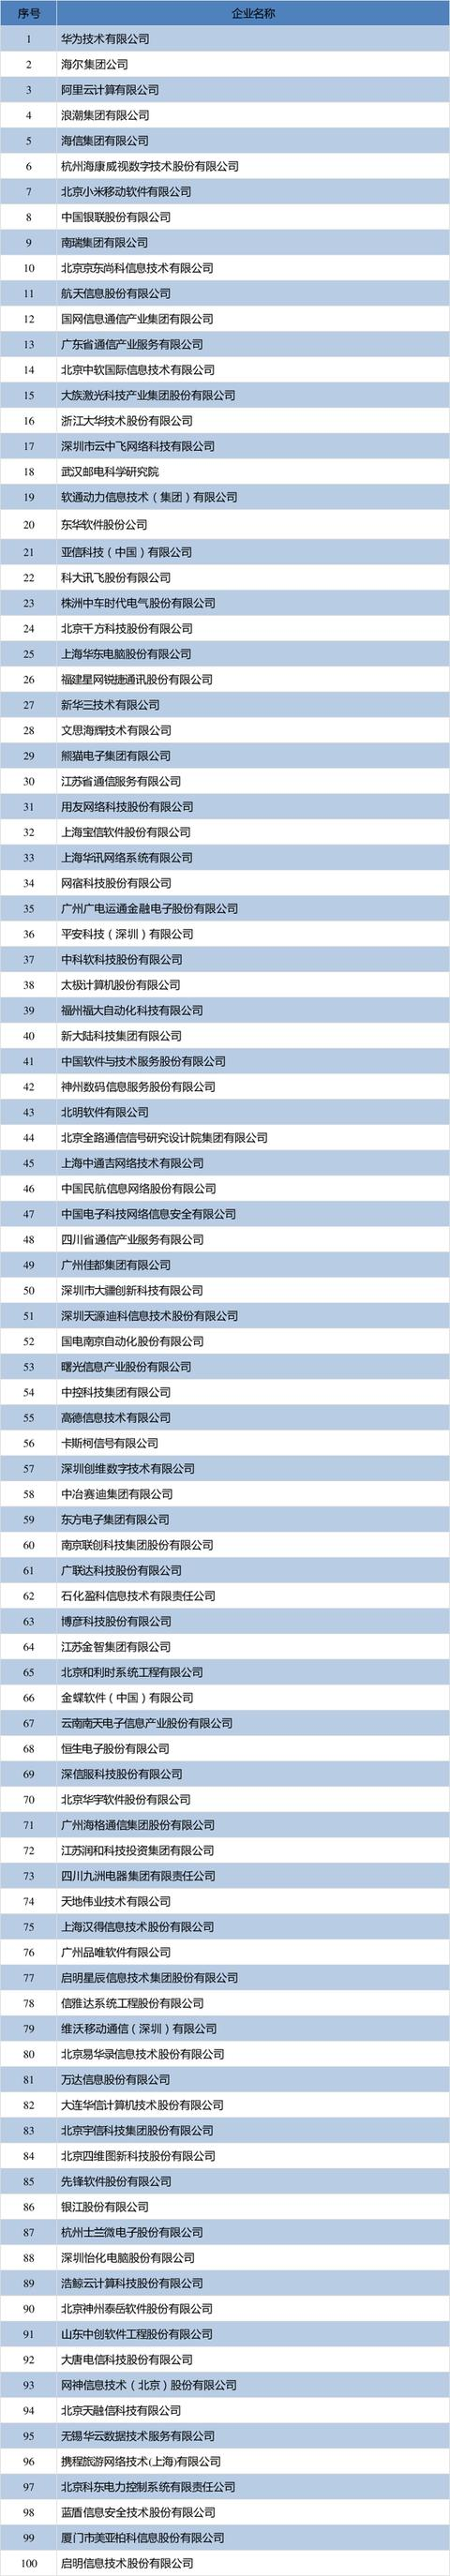 济南药业集团工信部软件百强:华为第一 阿里小